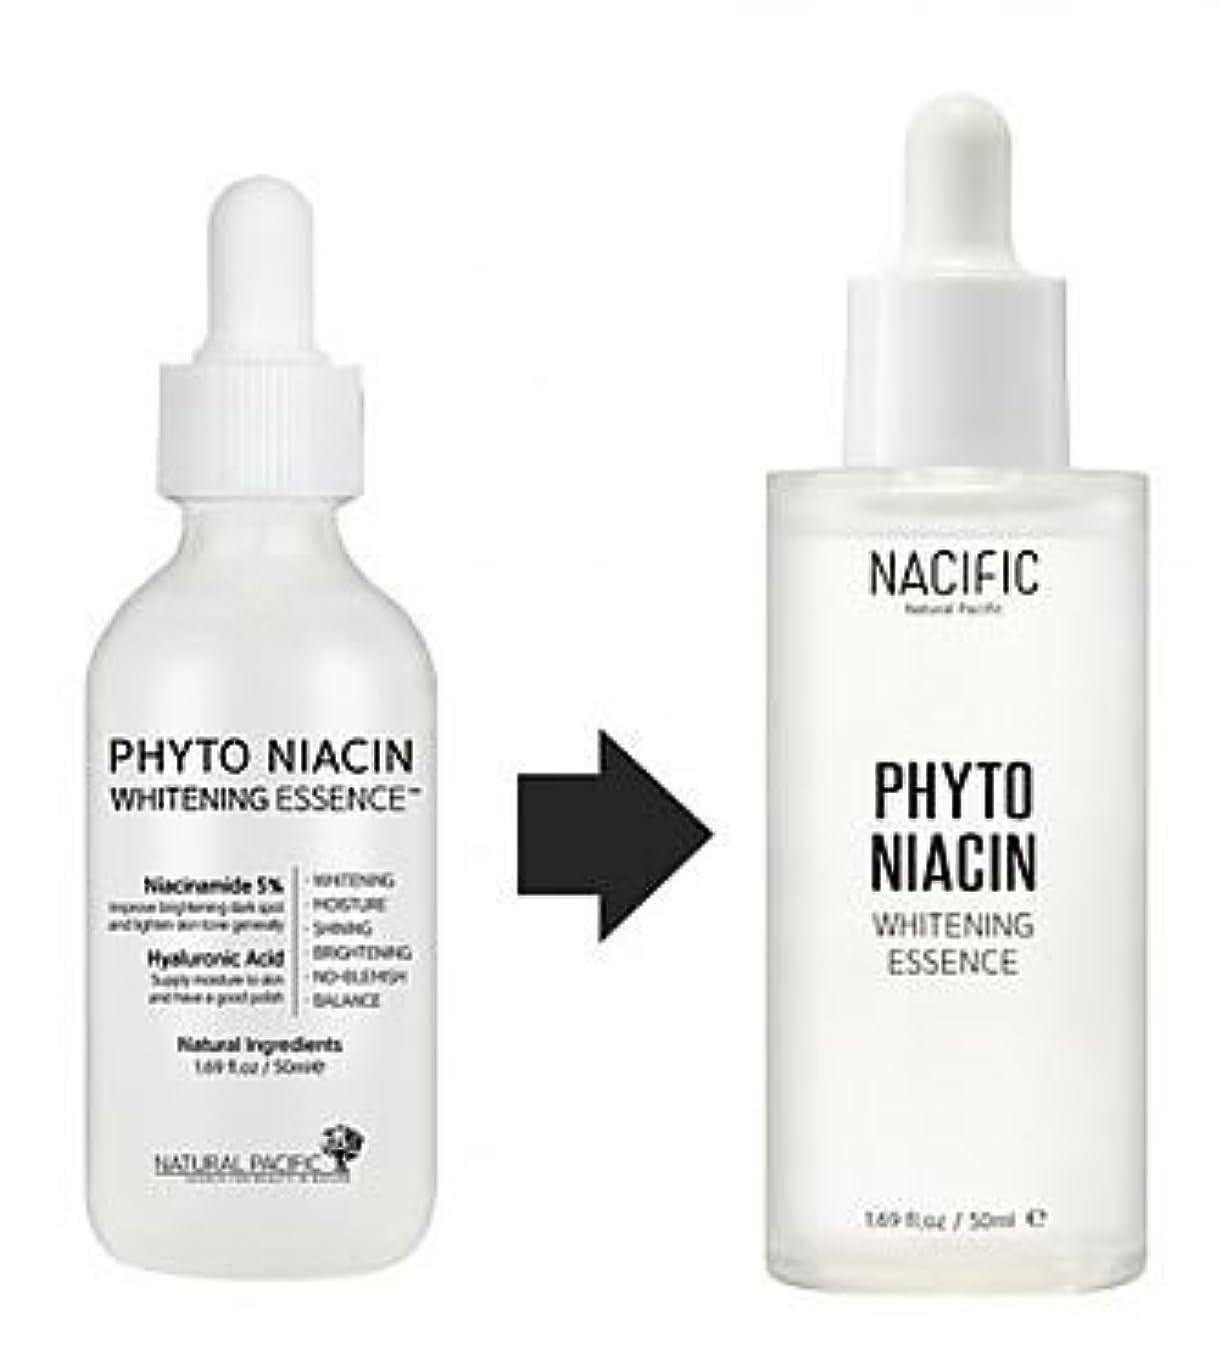 困惑するロボット正確[NACIFIC]Phyto Niacin Whitening Essence 50ml/ナチュラルパシフィック フィト ナイアシン ホワイトニング エッセンス 50ml [並行輸入品]